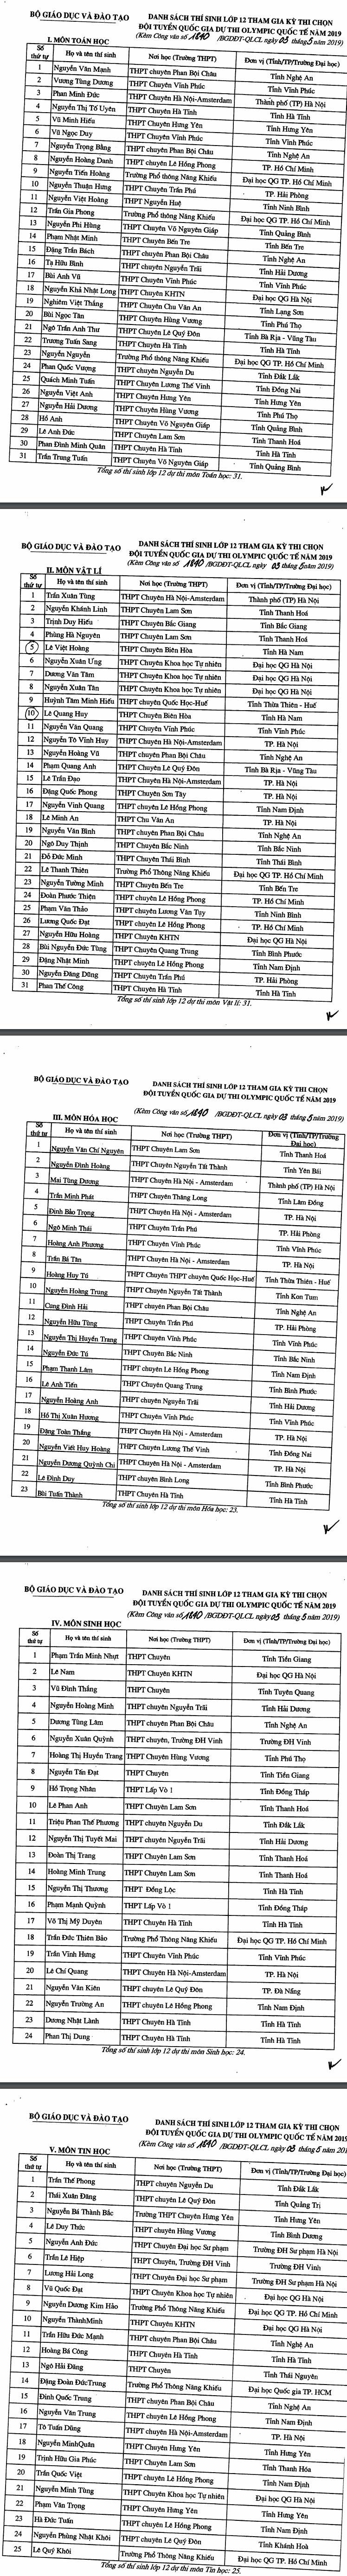 Danh sach 134 thi sinh mien thi THPTQG 2019 va xet tuyen thang DH